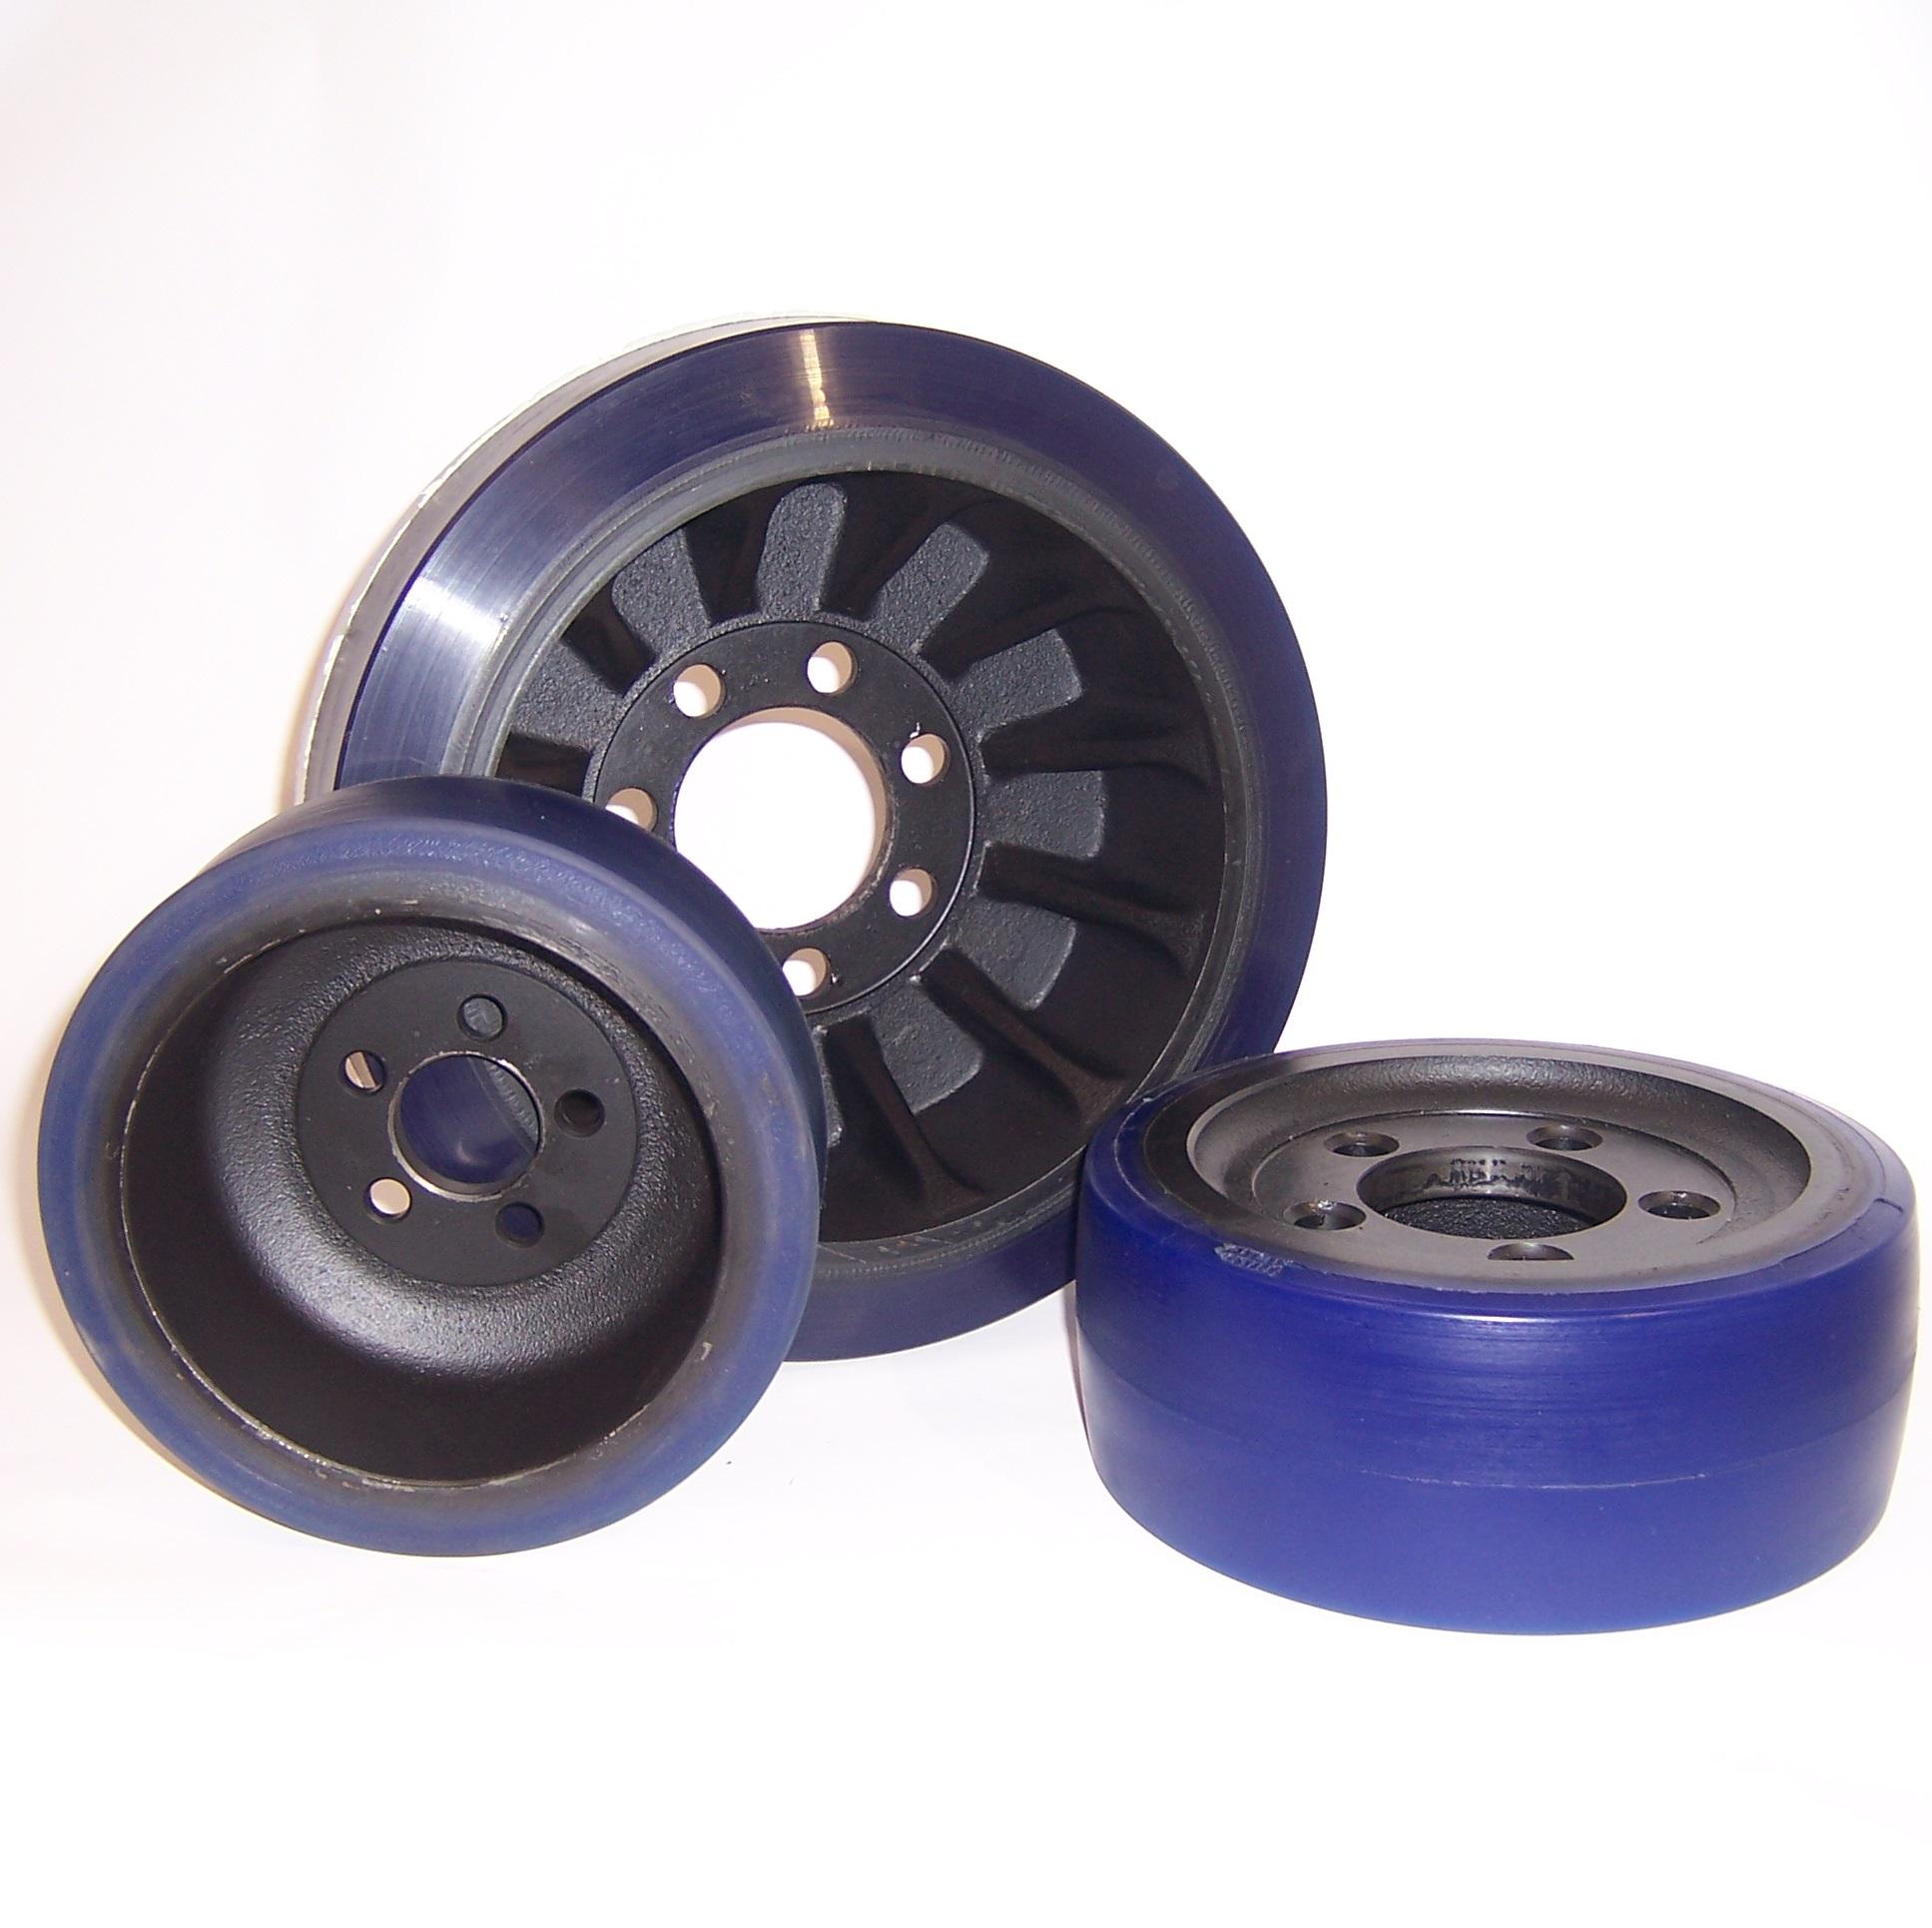 Ruote serie ZO ZETA SOFT-MOB - Ruote motrici in poliuretano soffice durezza 87+/-3 Sh.A. La portata è riferita ad una velocità di 6 km/h.